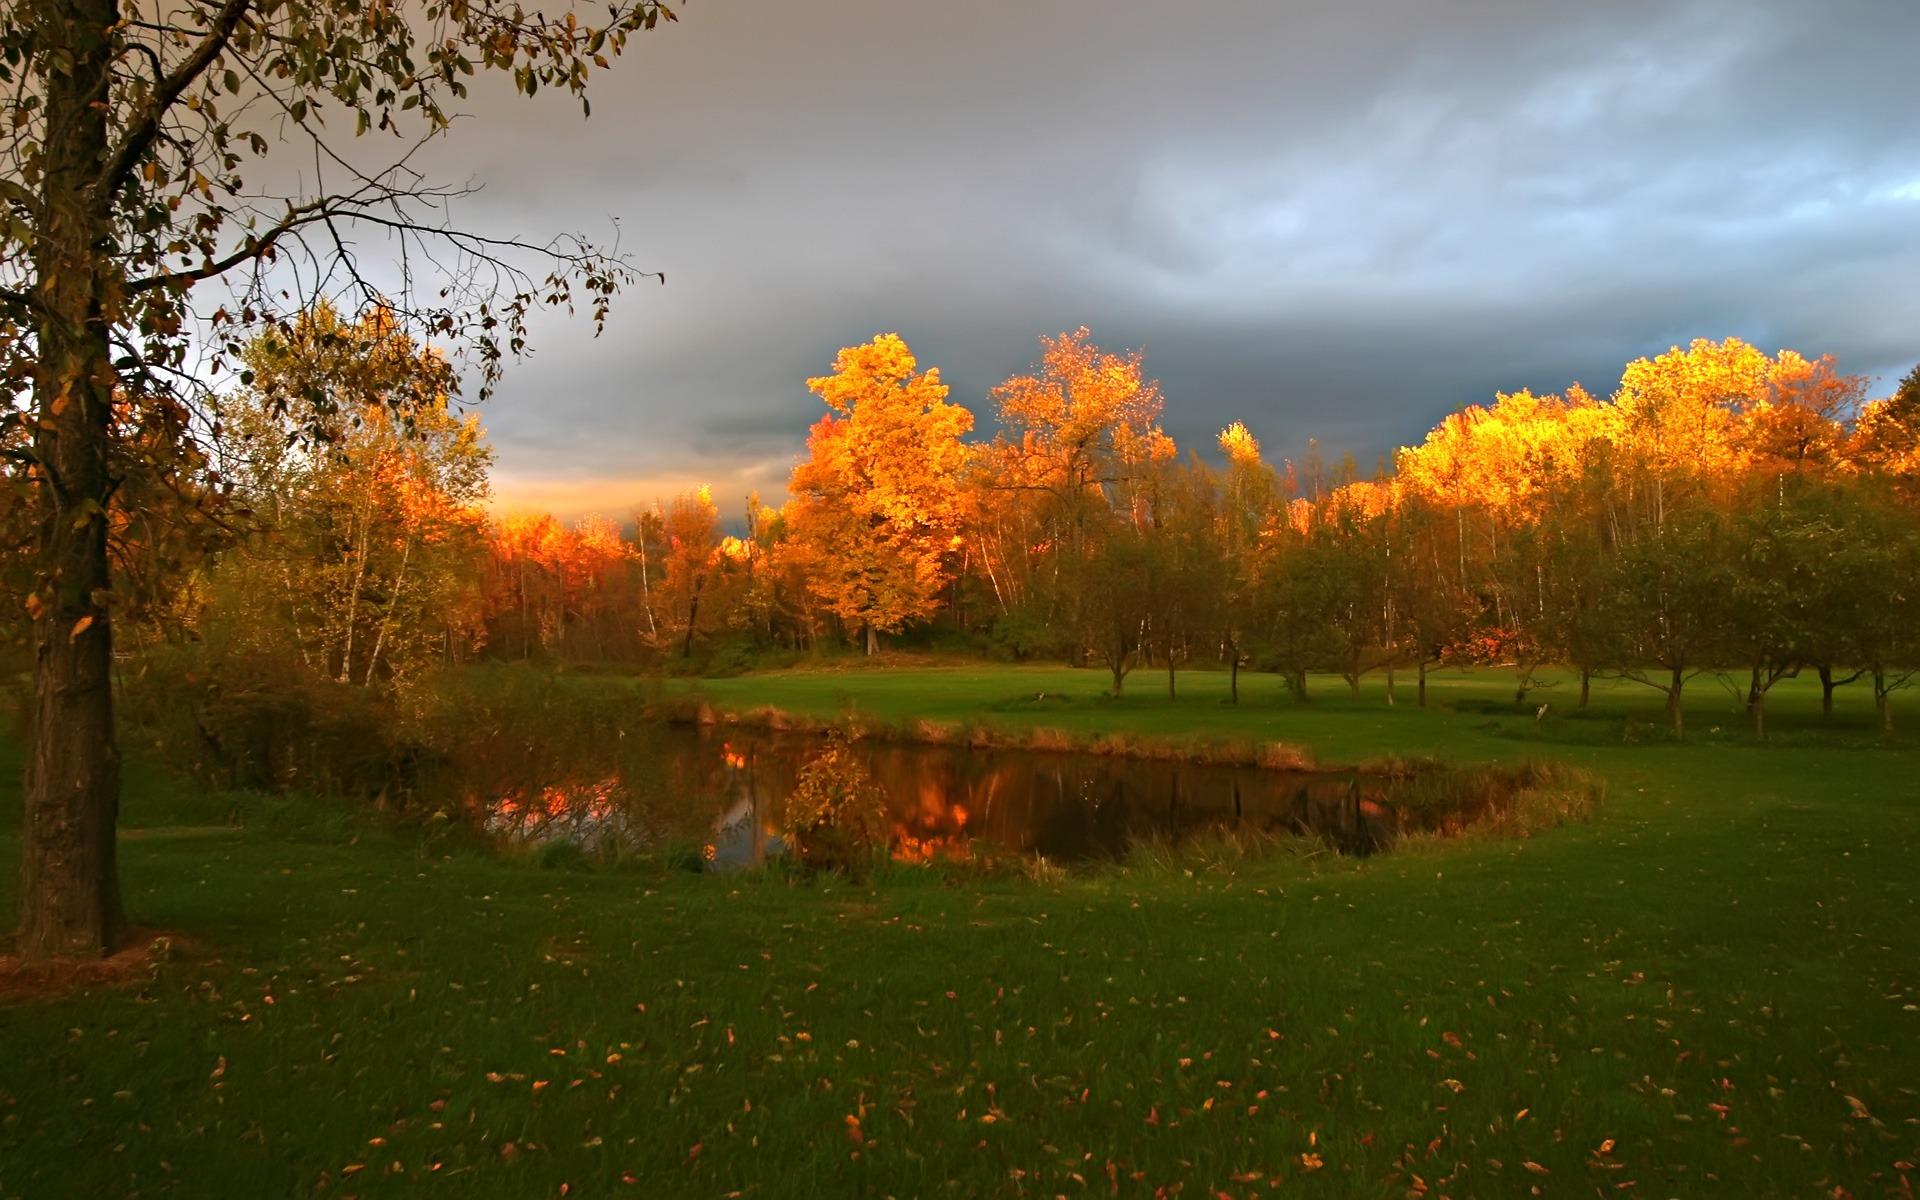 осень озеро природа облака деревья  № 2491624 без смс